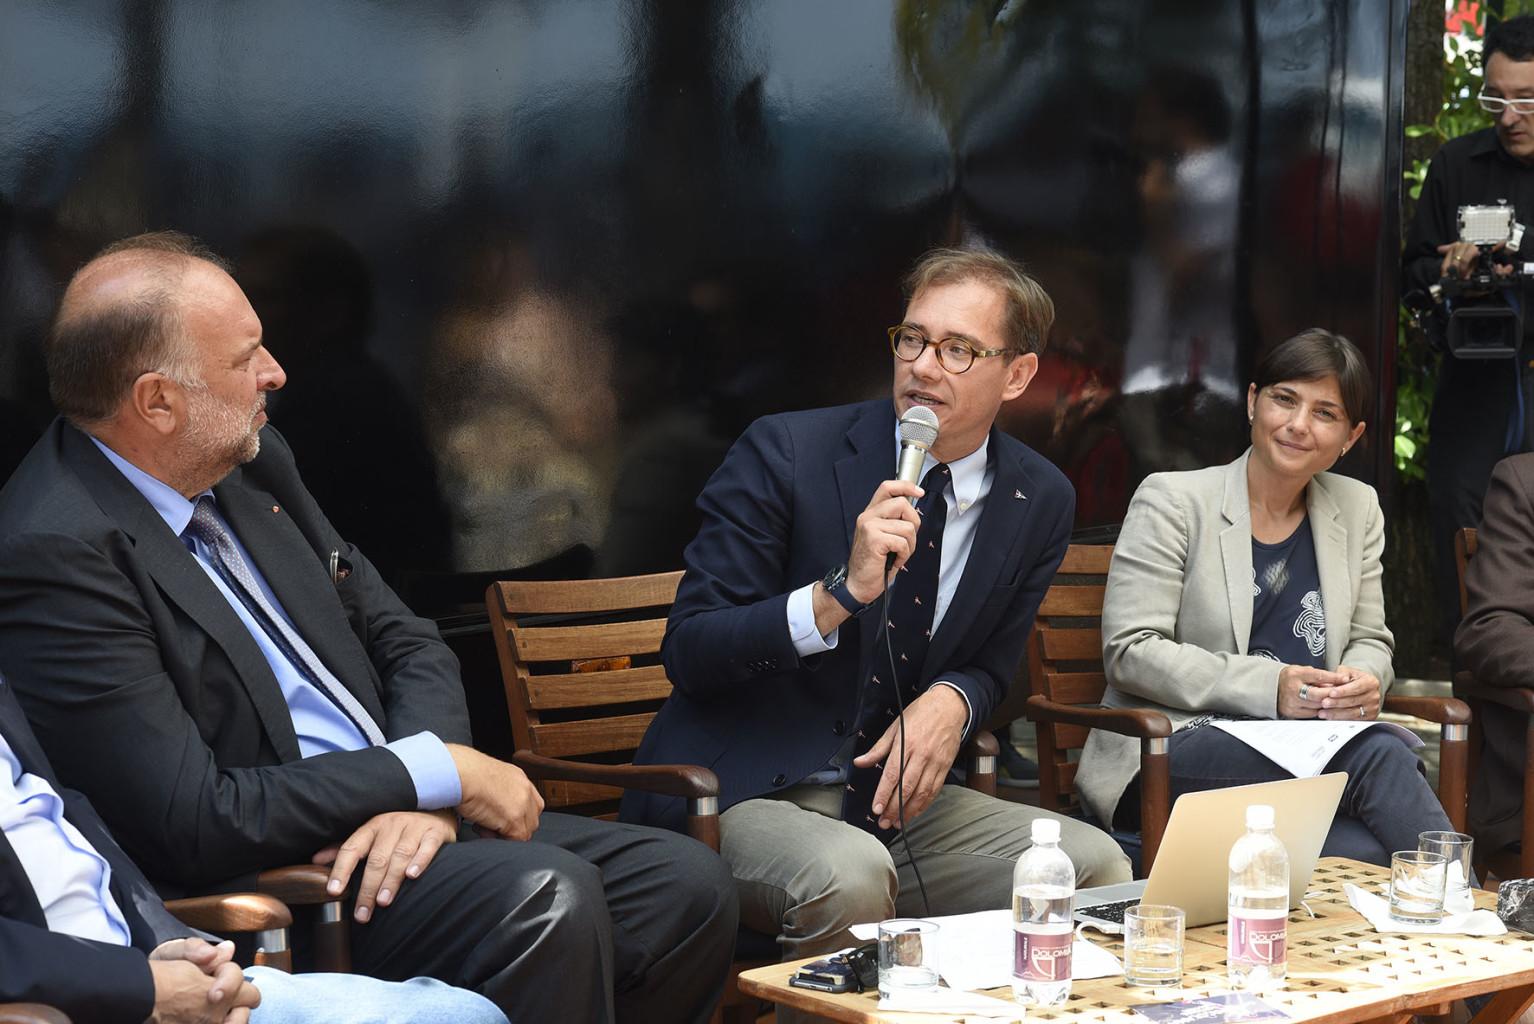 conferenza_stampa_svbg_2015_CET6707